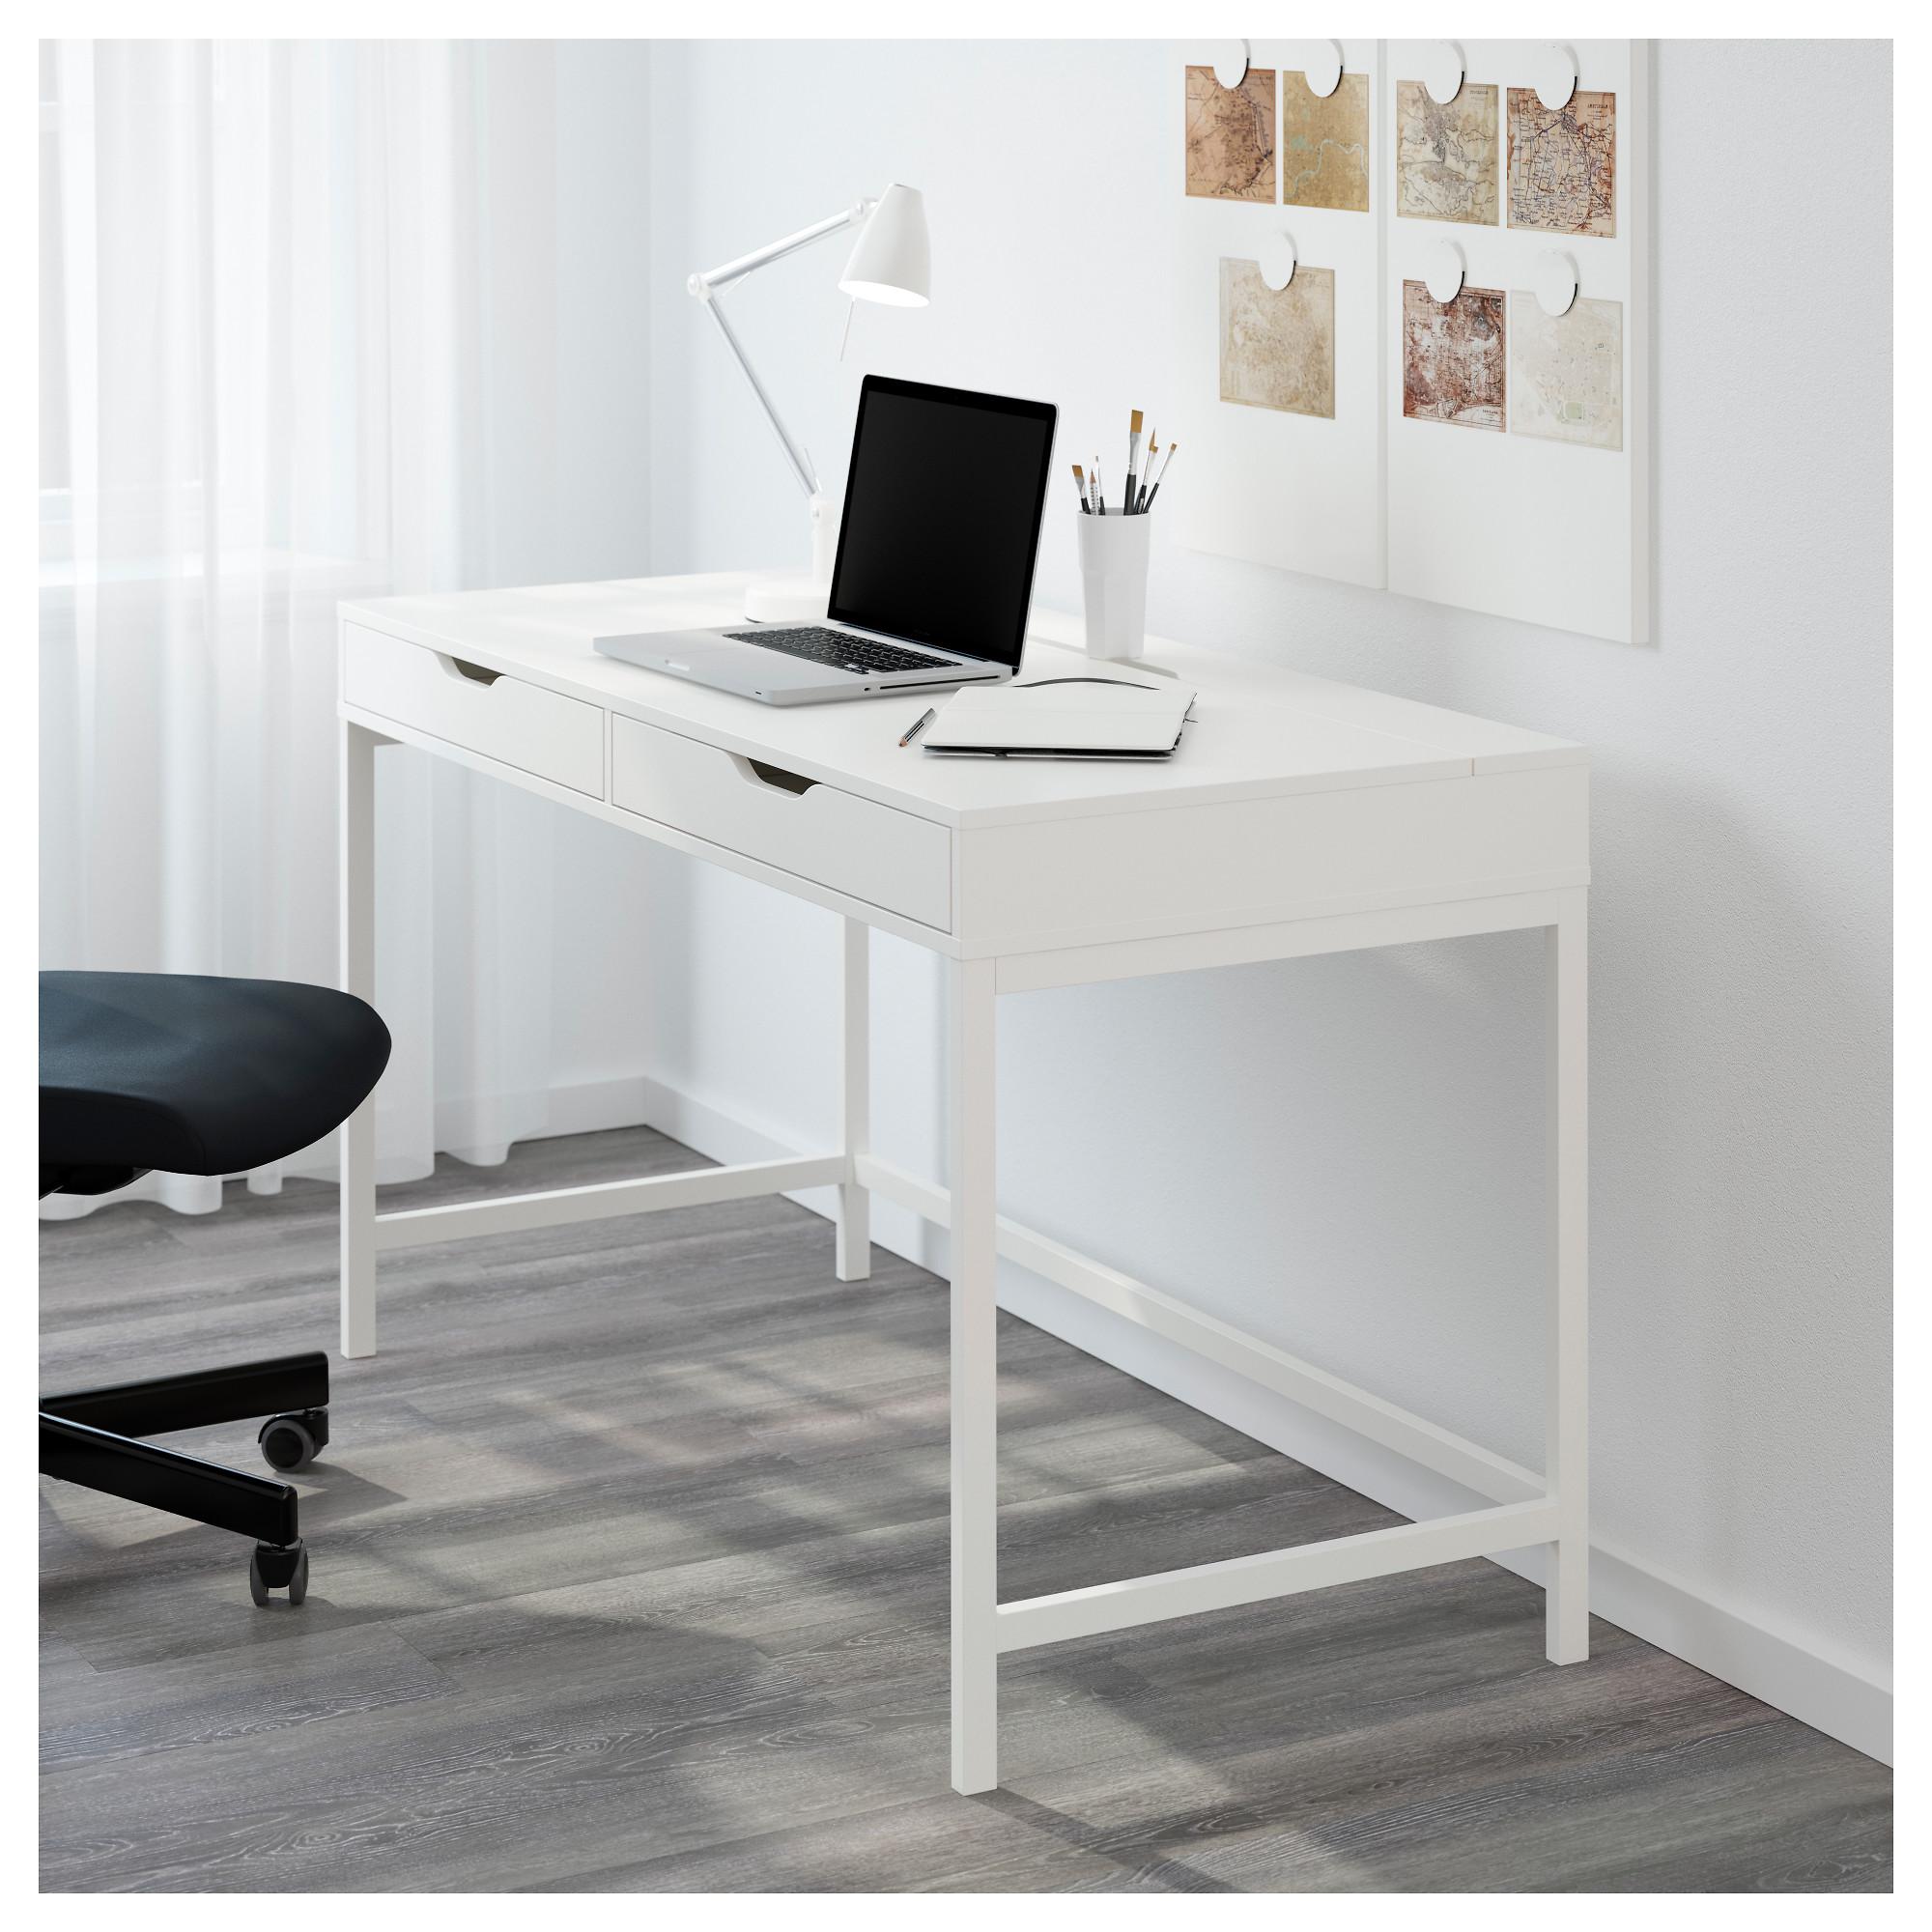 Купить Письменный стол АЛЕКС белый в Ikea Минск